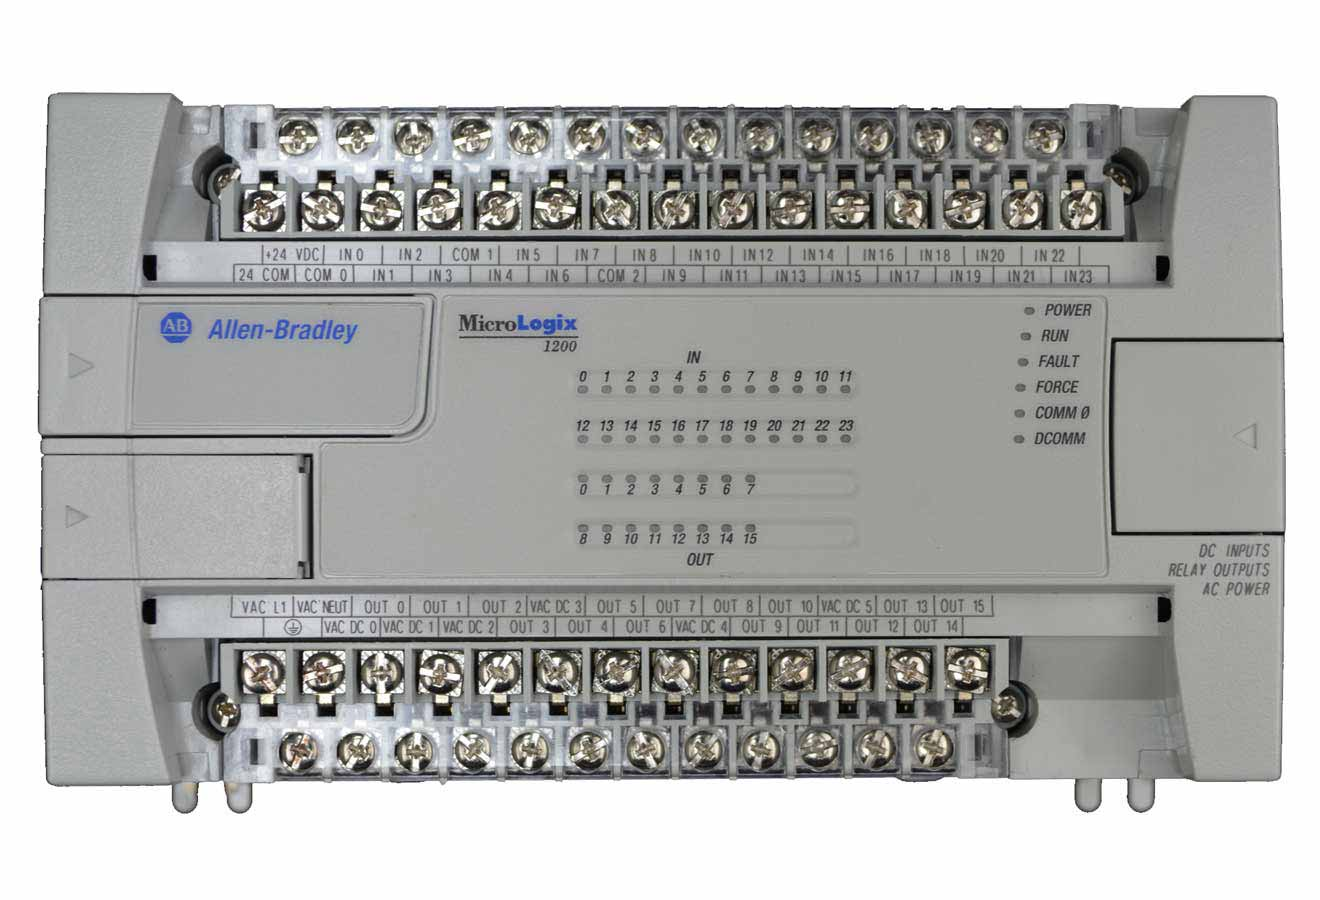 allen bradley micrologix 1200 plc manual